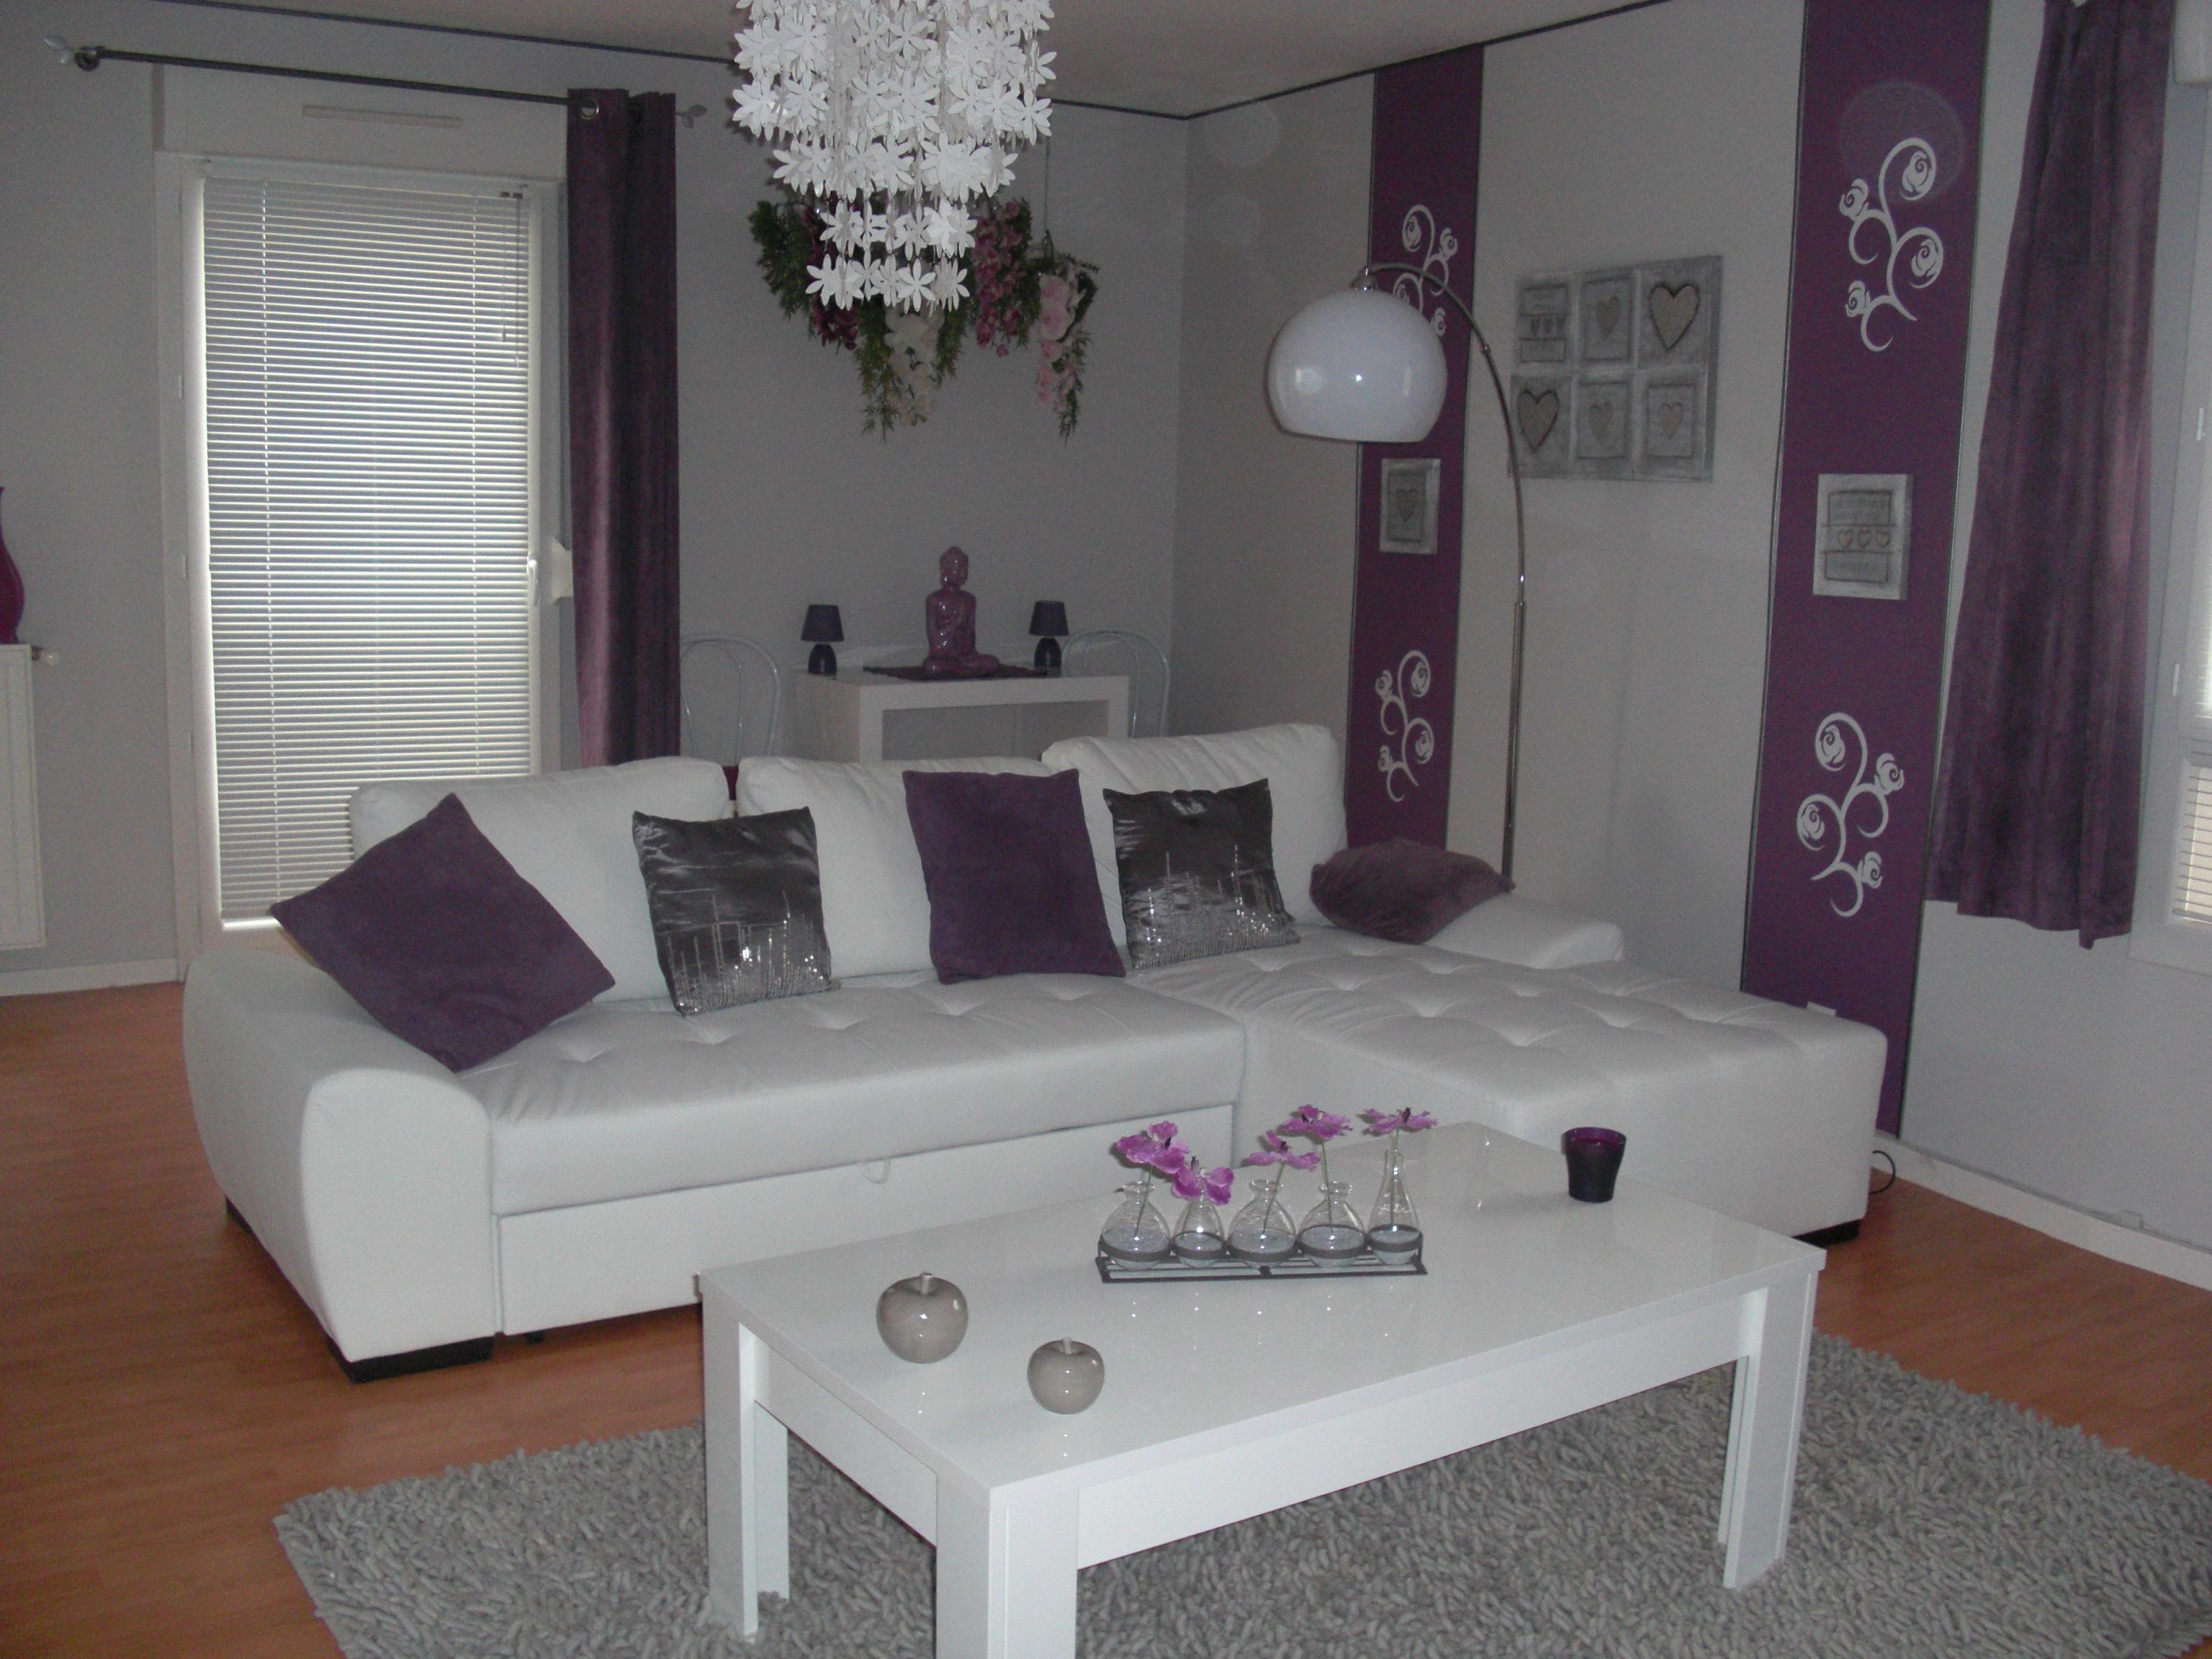 Decoration salon gris mauve - Design en image